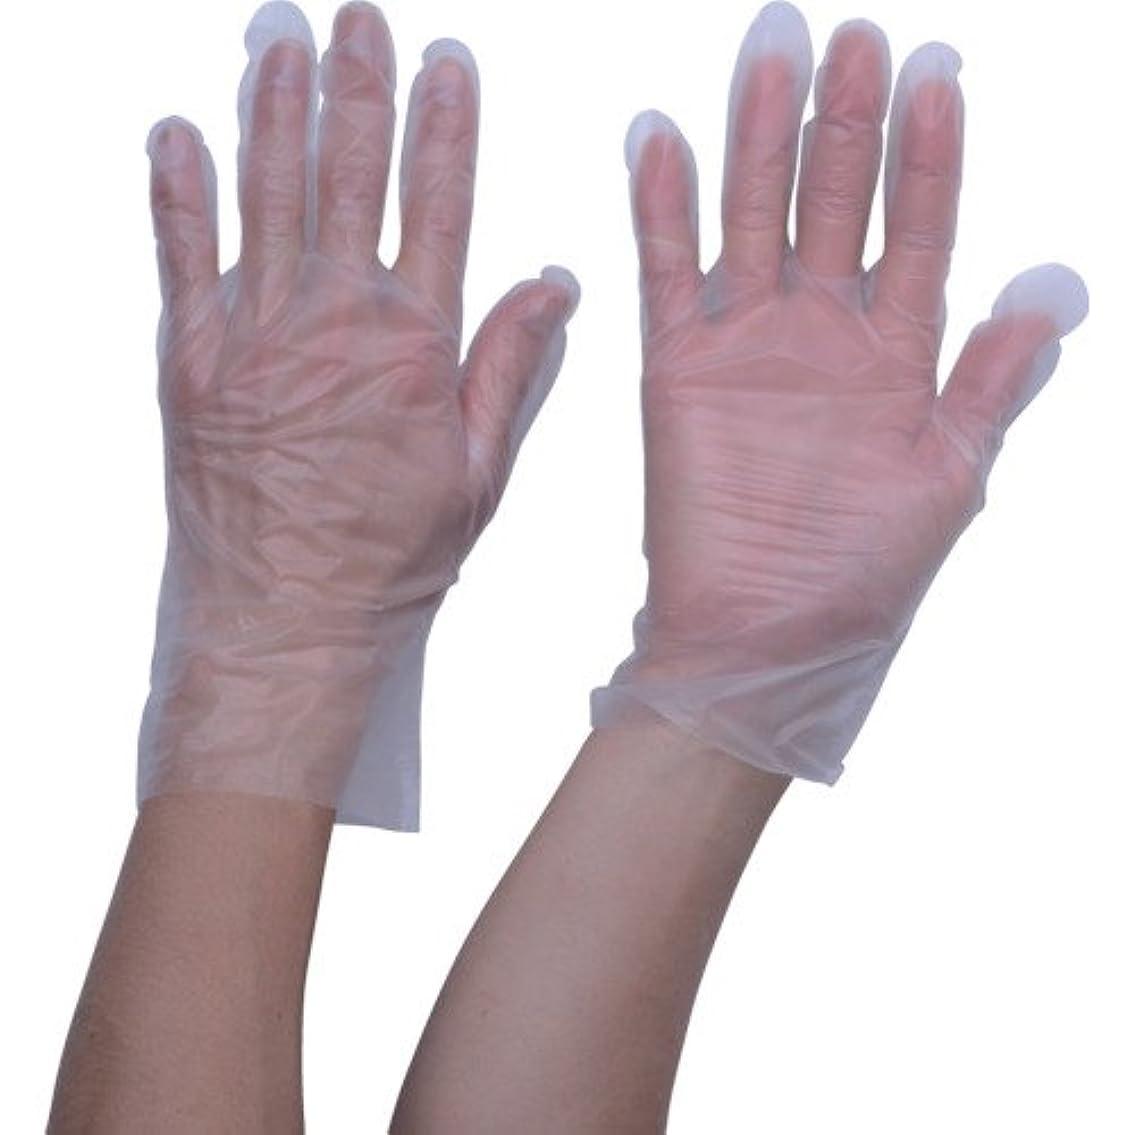 膨らみぼかす性別TRUSCO ポリエチレン 使い捨て手袋 ウェーブカットタイプM (100枚入)(入数:100枚) TGCPE025M